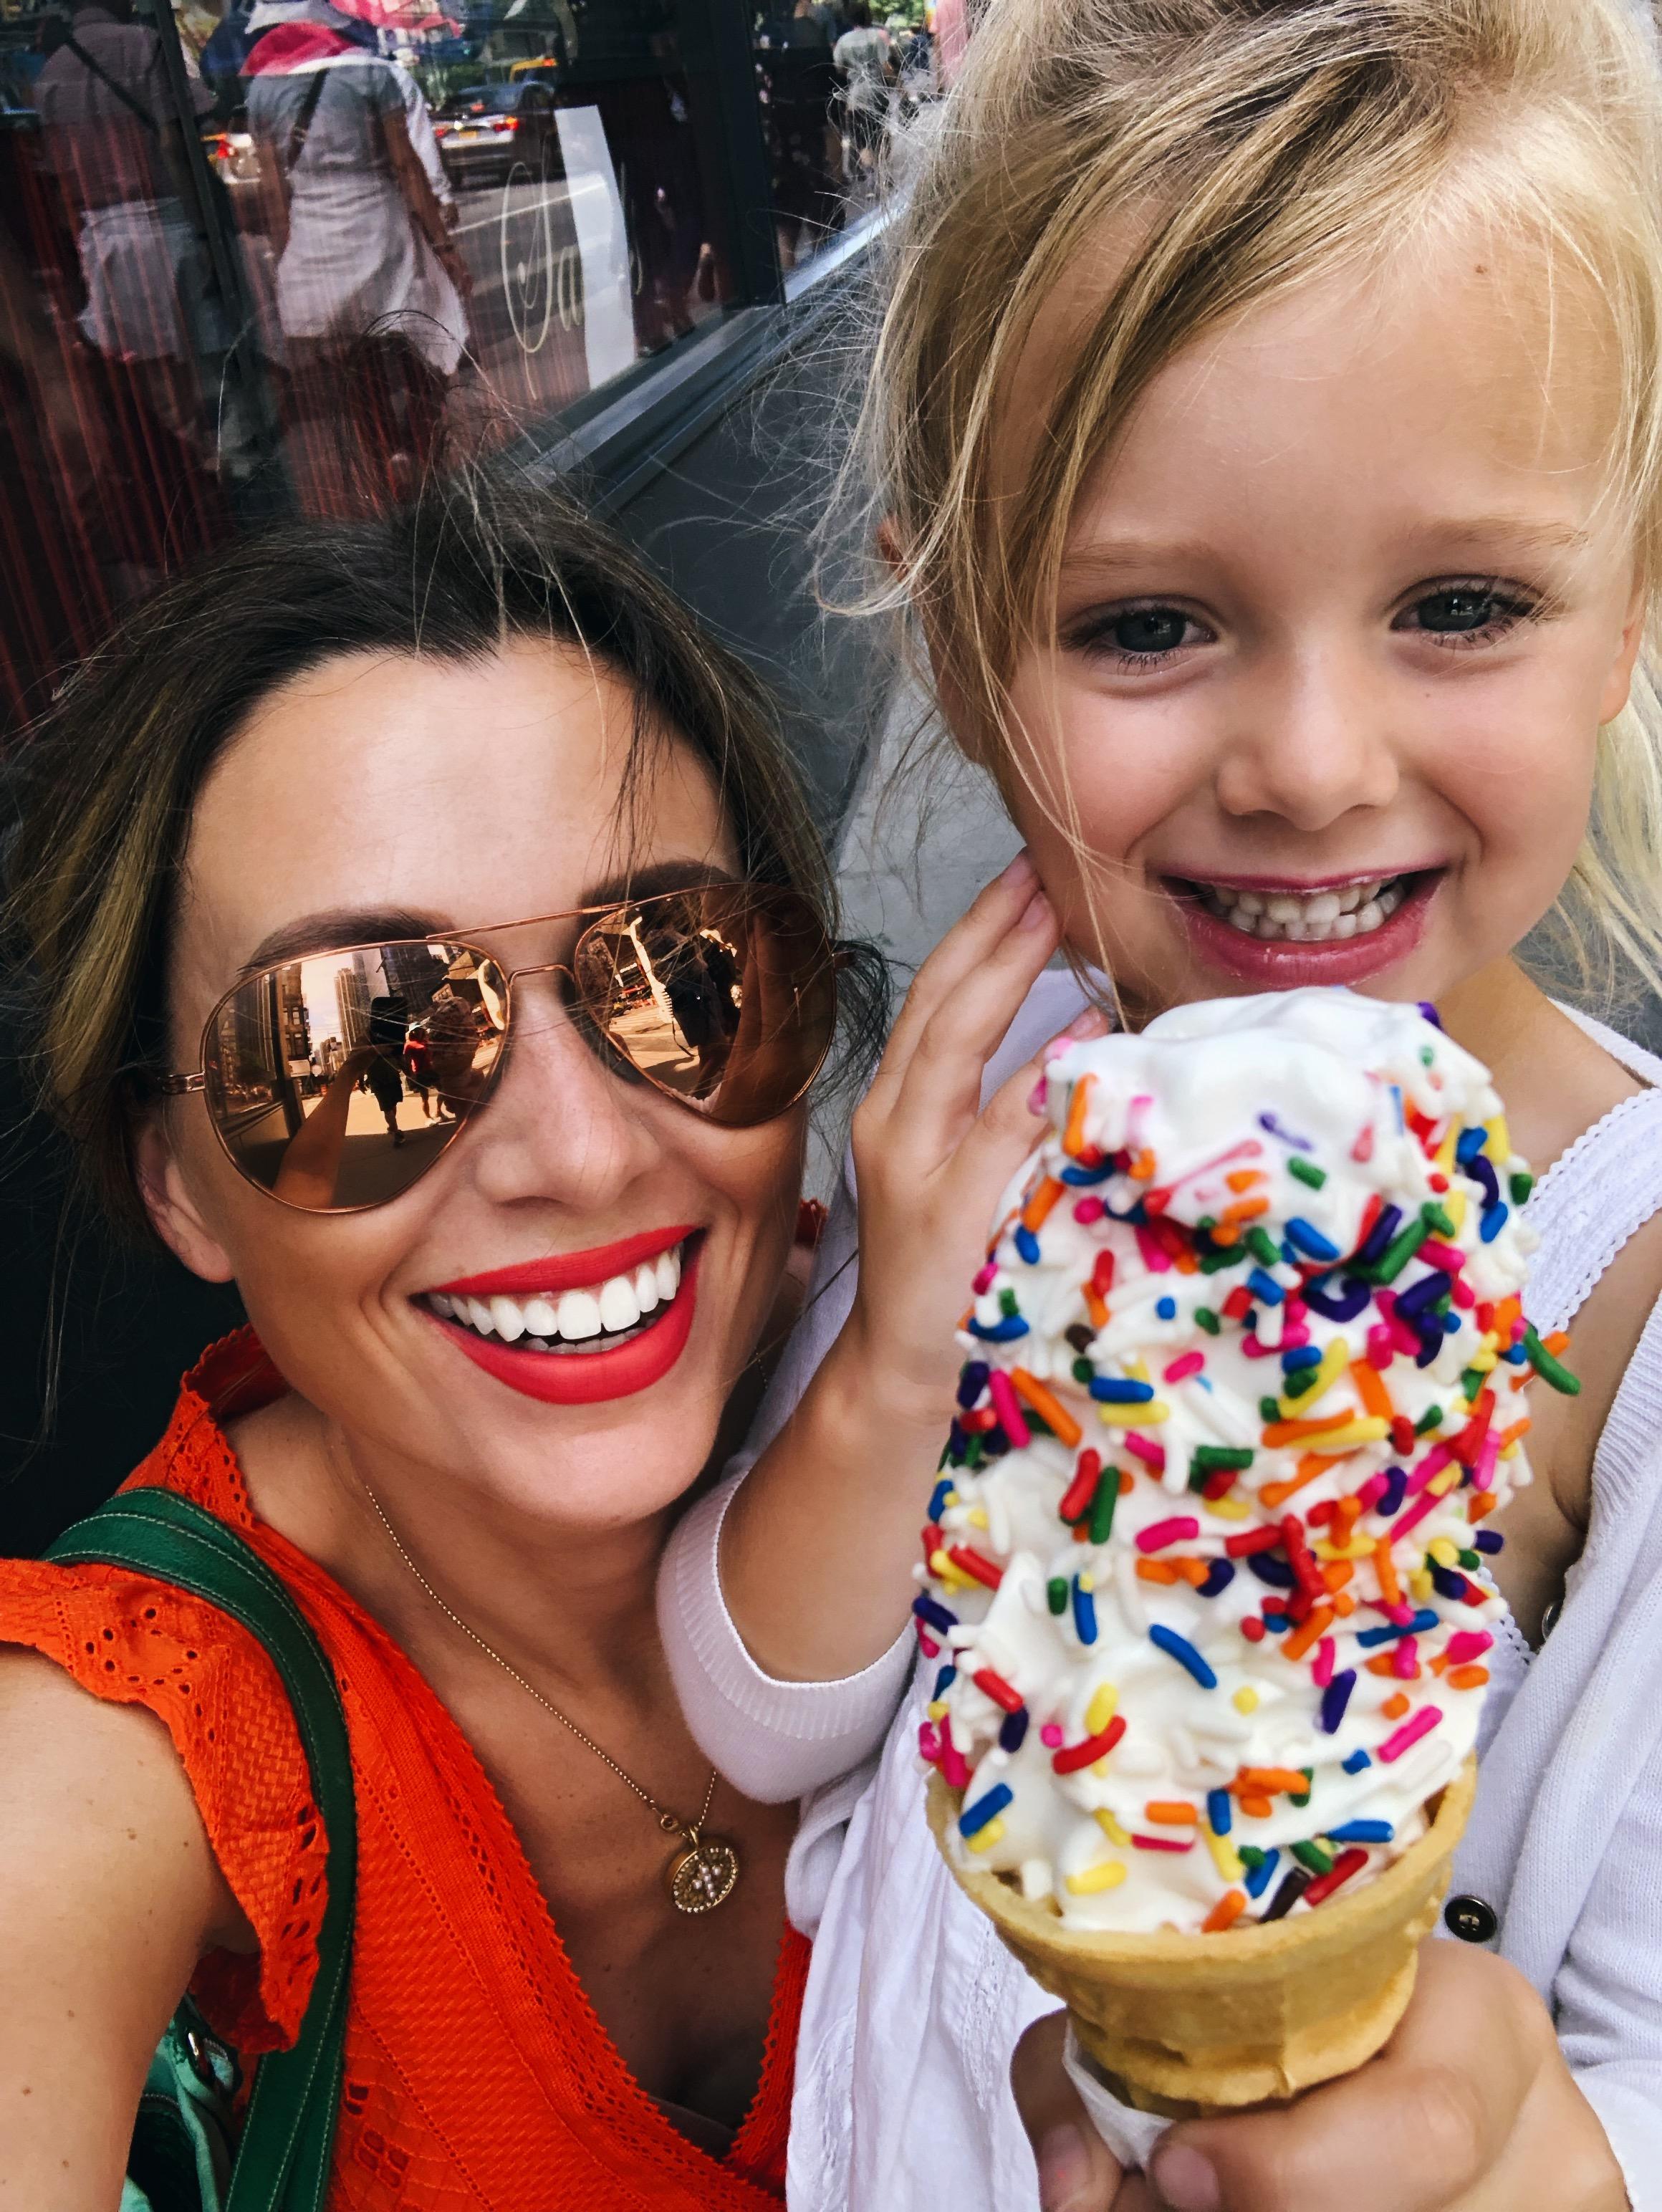 NYC ice cream